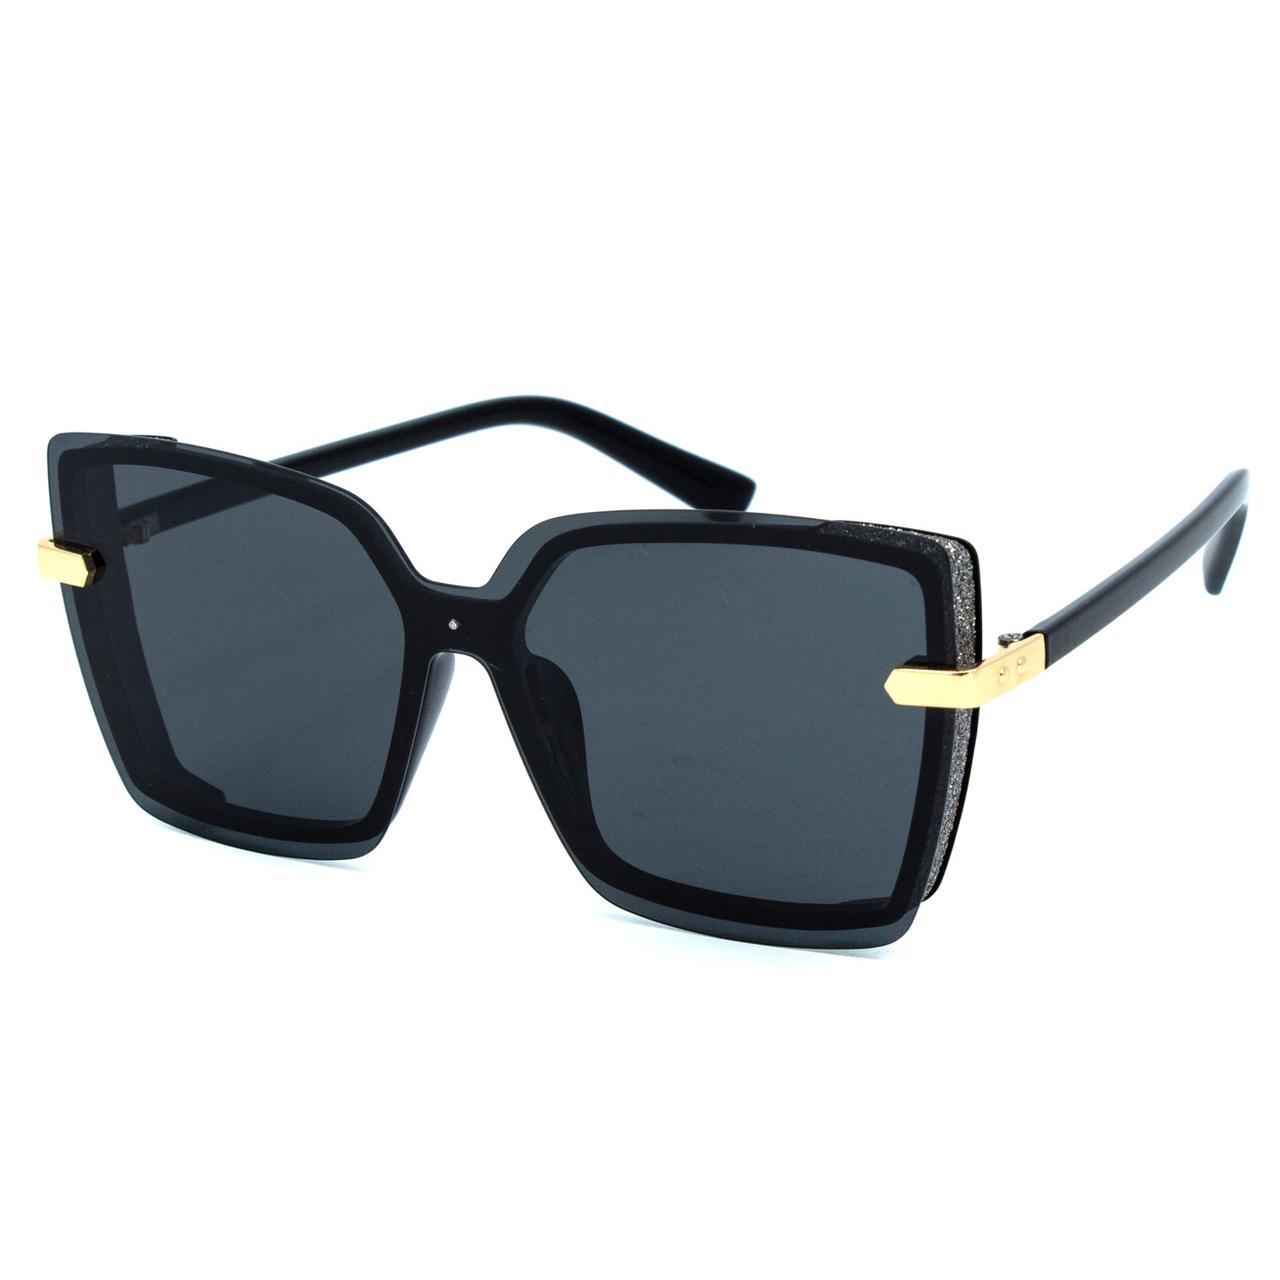 Сонцезахисні окуляри Marmilen TR-90 3989 C1 ( 3989S-01 )